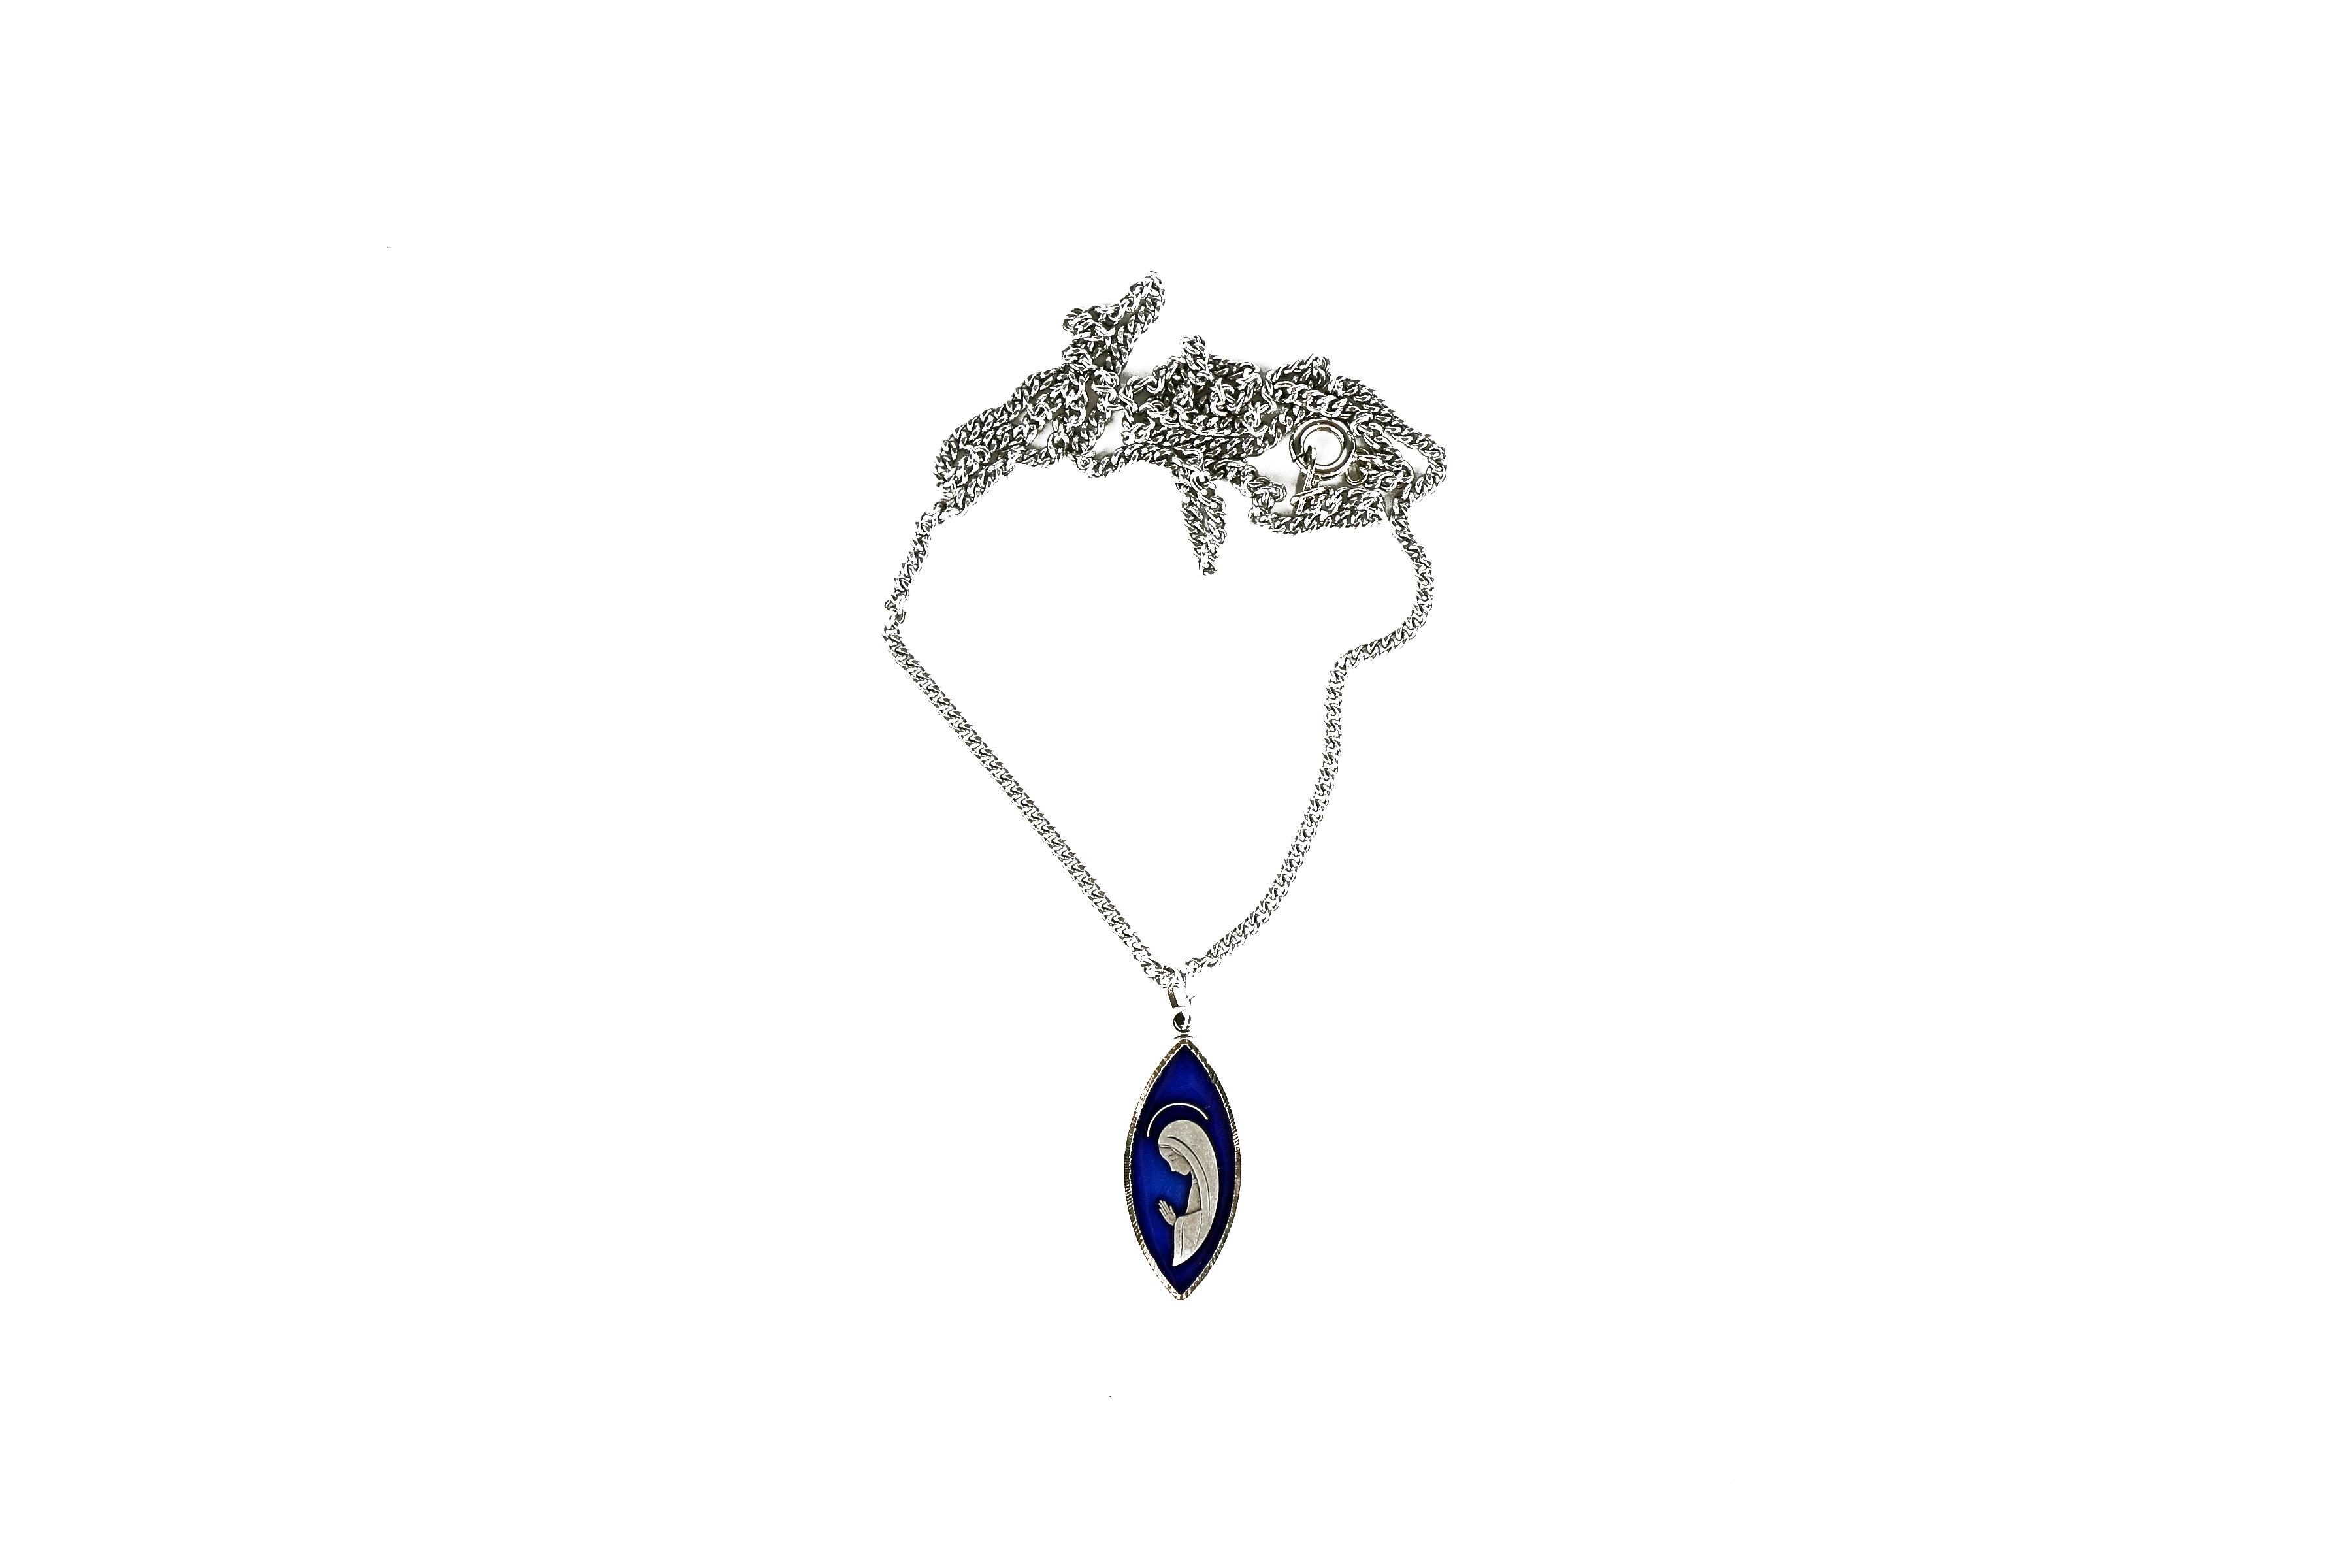 Chaîne et médaille de la Vierge, émaillée bleue / Chain with enameled blue medal of the Virgin